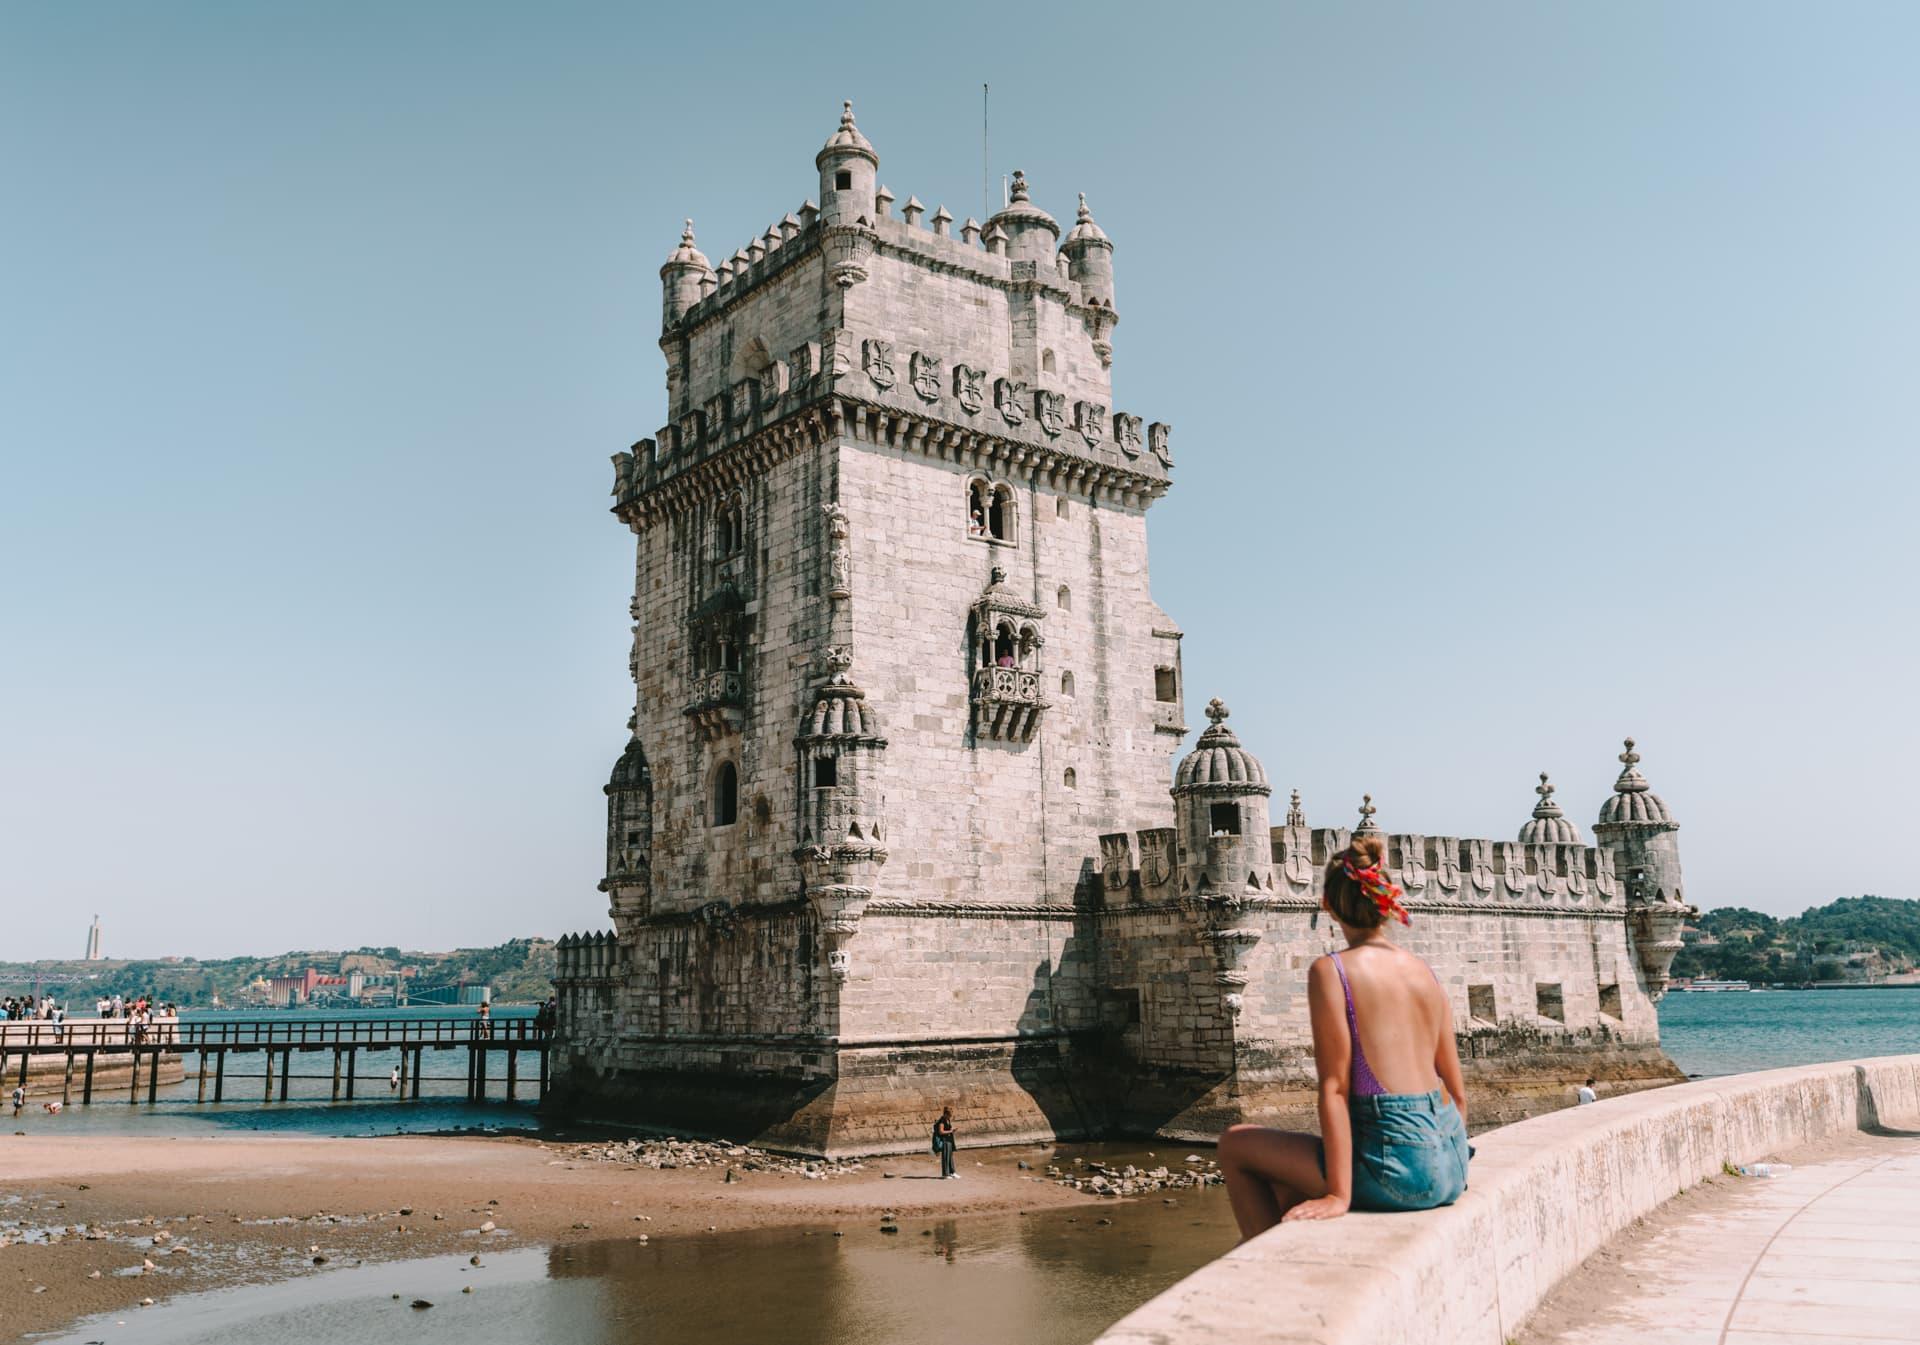 Lissabon Belem Tower